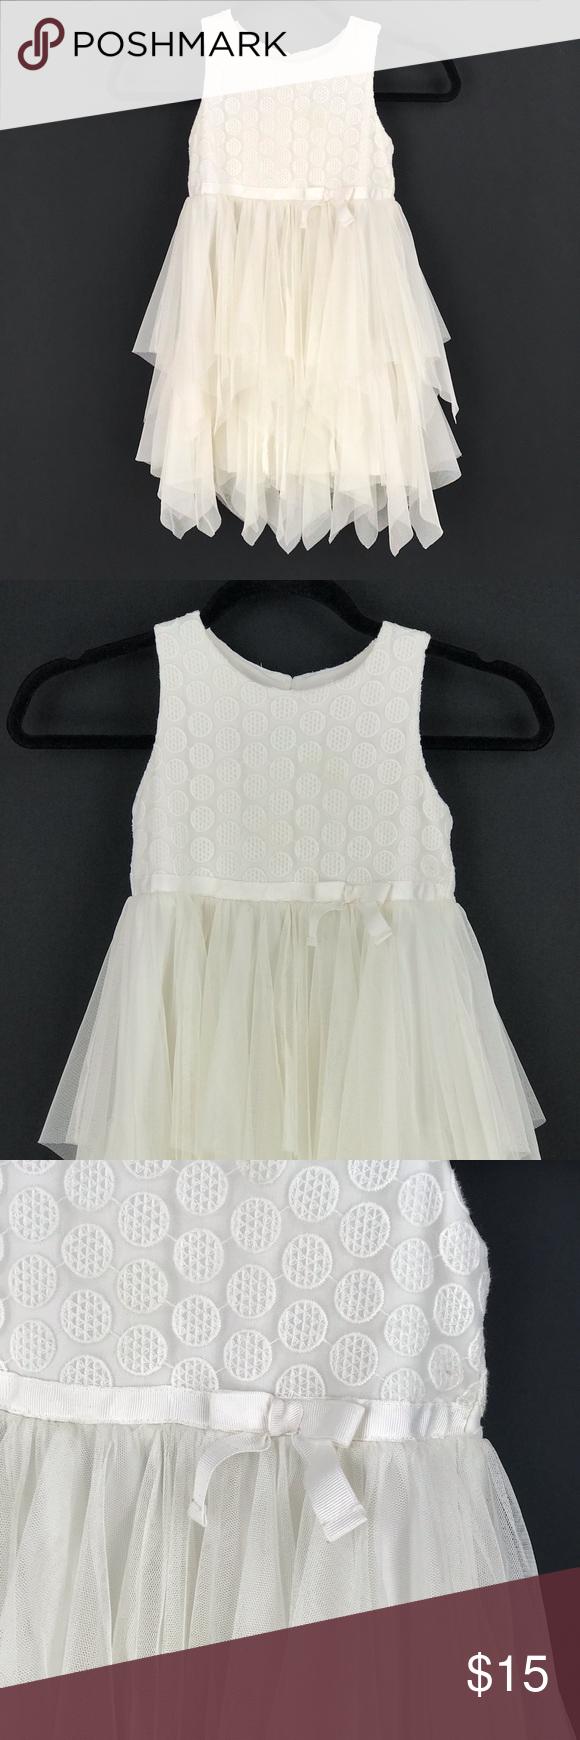 Cat Jack White Sleeveless Layered Tulle Dress Layered Tulle Dress Tulle Dress Tulle [ 1740 x 580 Pixel ]